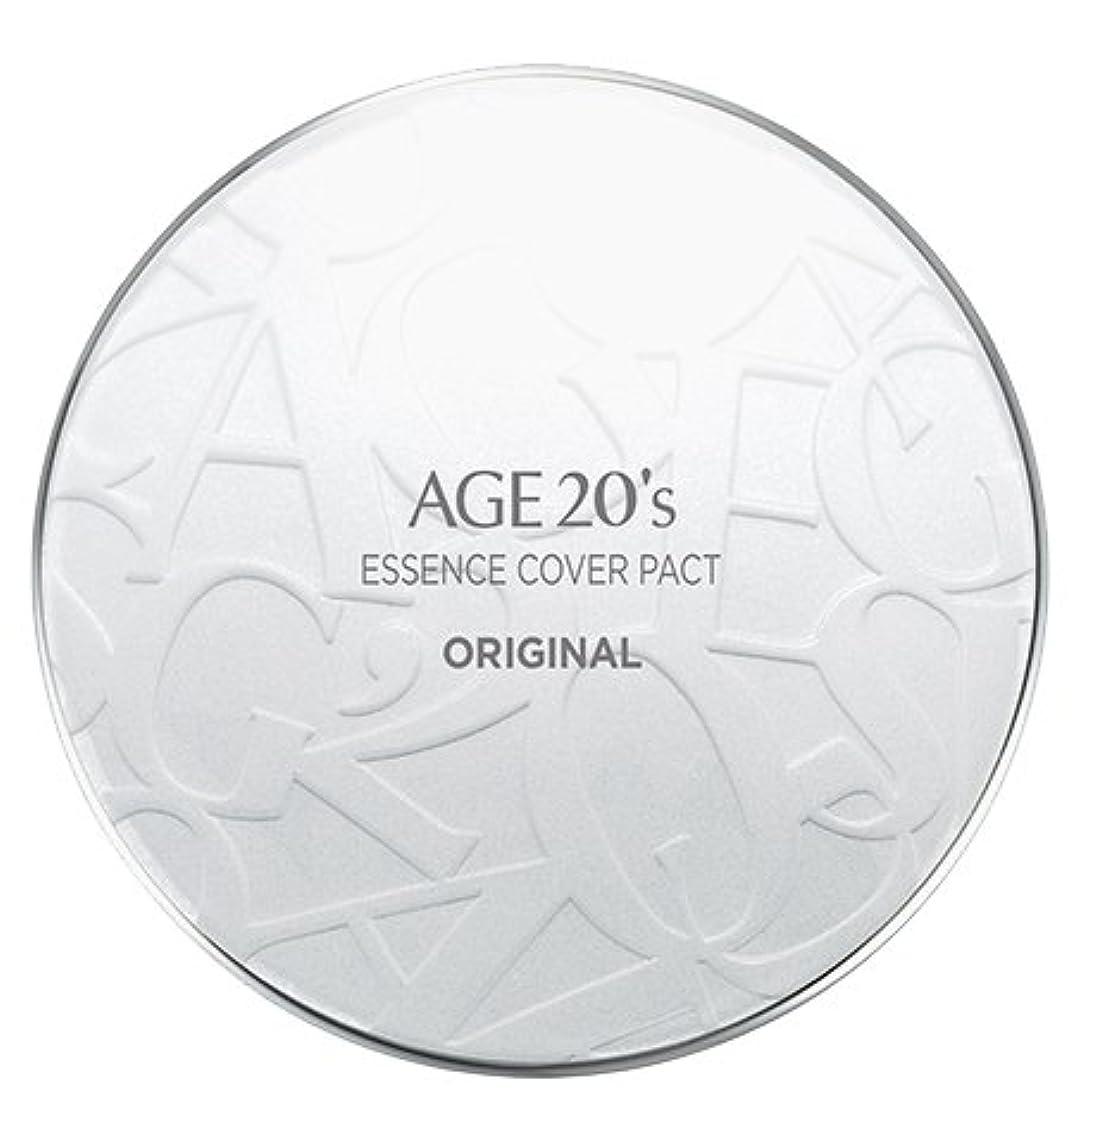 努力リスキーなアシストAGE 20's Essence Cover Pact Original [White Latte] 12.5g + Refill 12.5g (#21)/エイジ 20's エッセンス カバー パクト オリジナル [ホワイトラテ] 12.5g + リフィル 12.5g (#21) [並行輸入品]